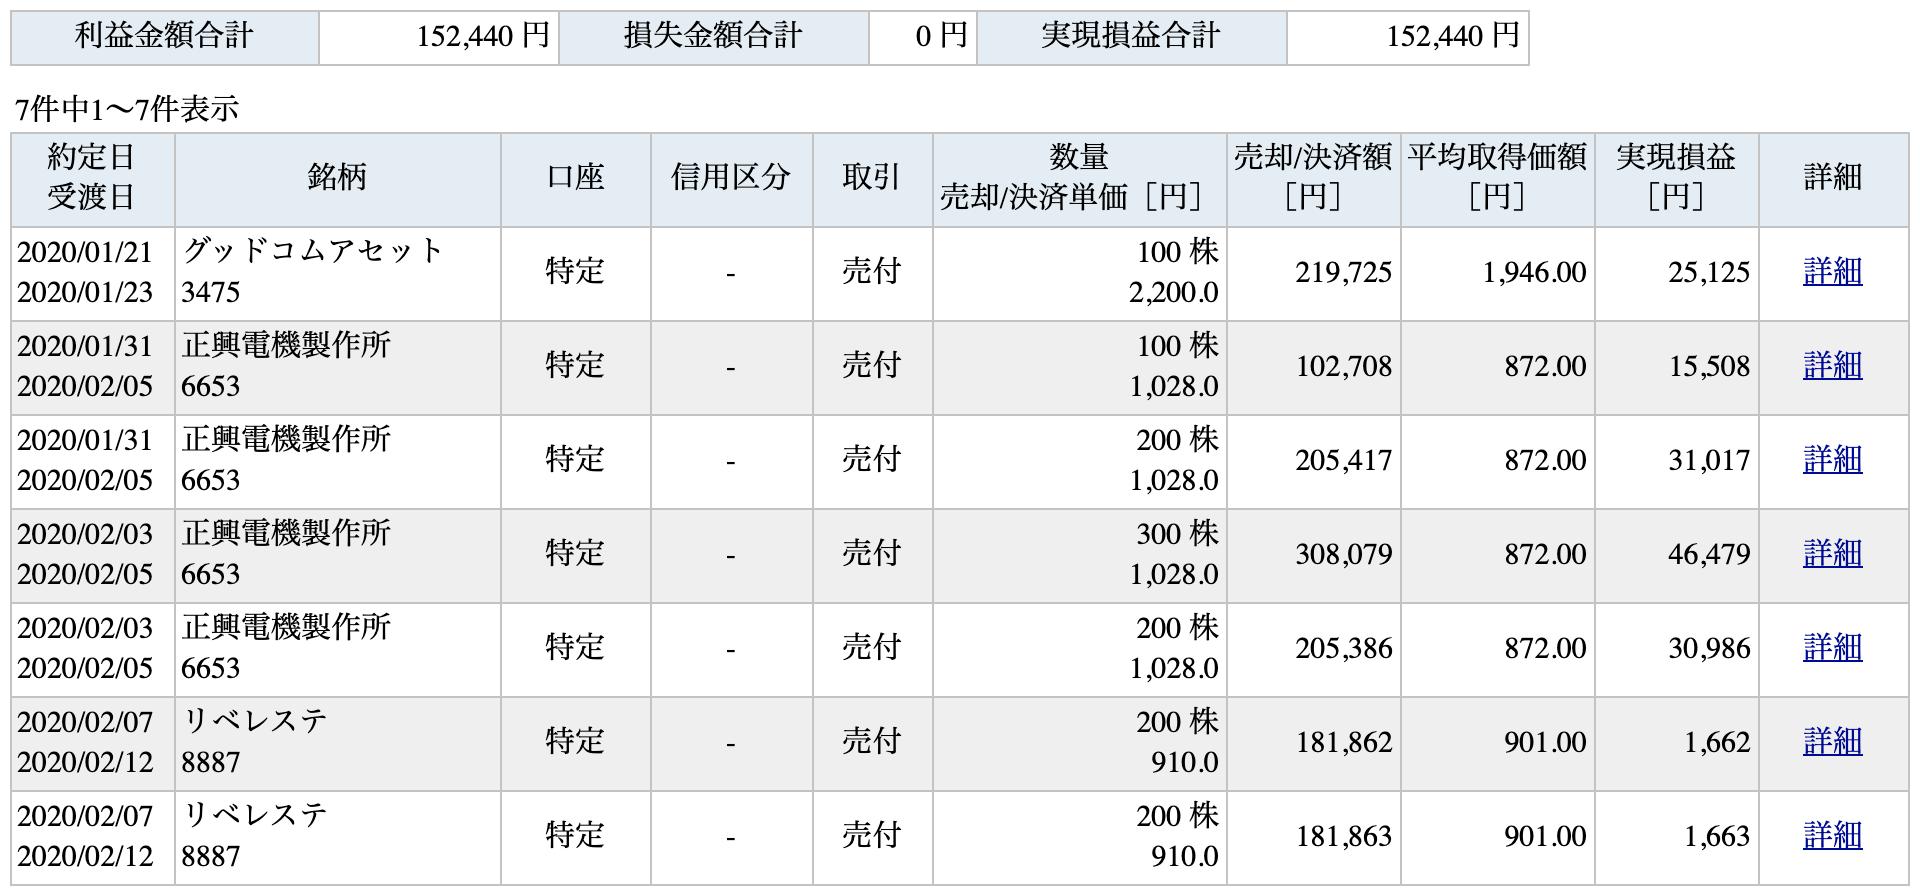 日本株2020/2/8までの売却益取引一覧